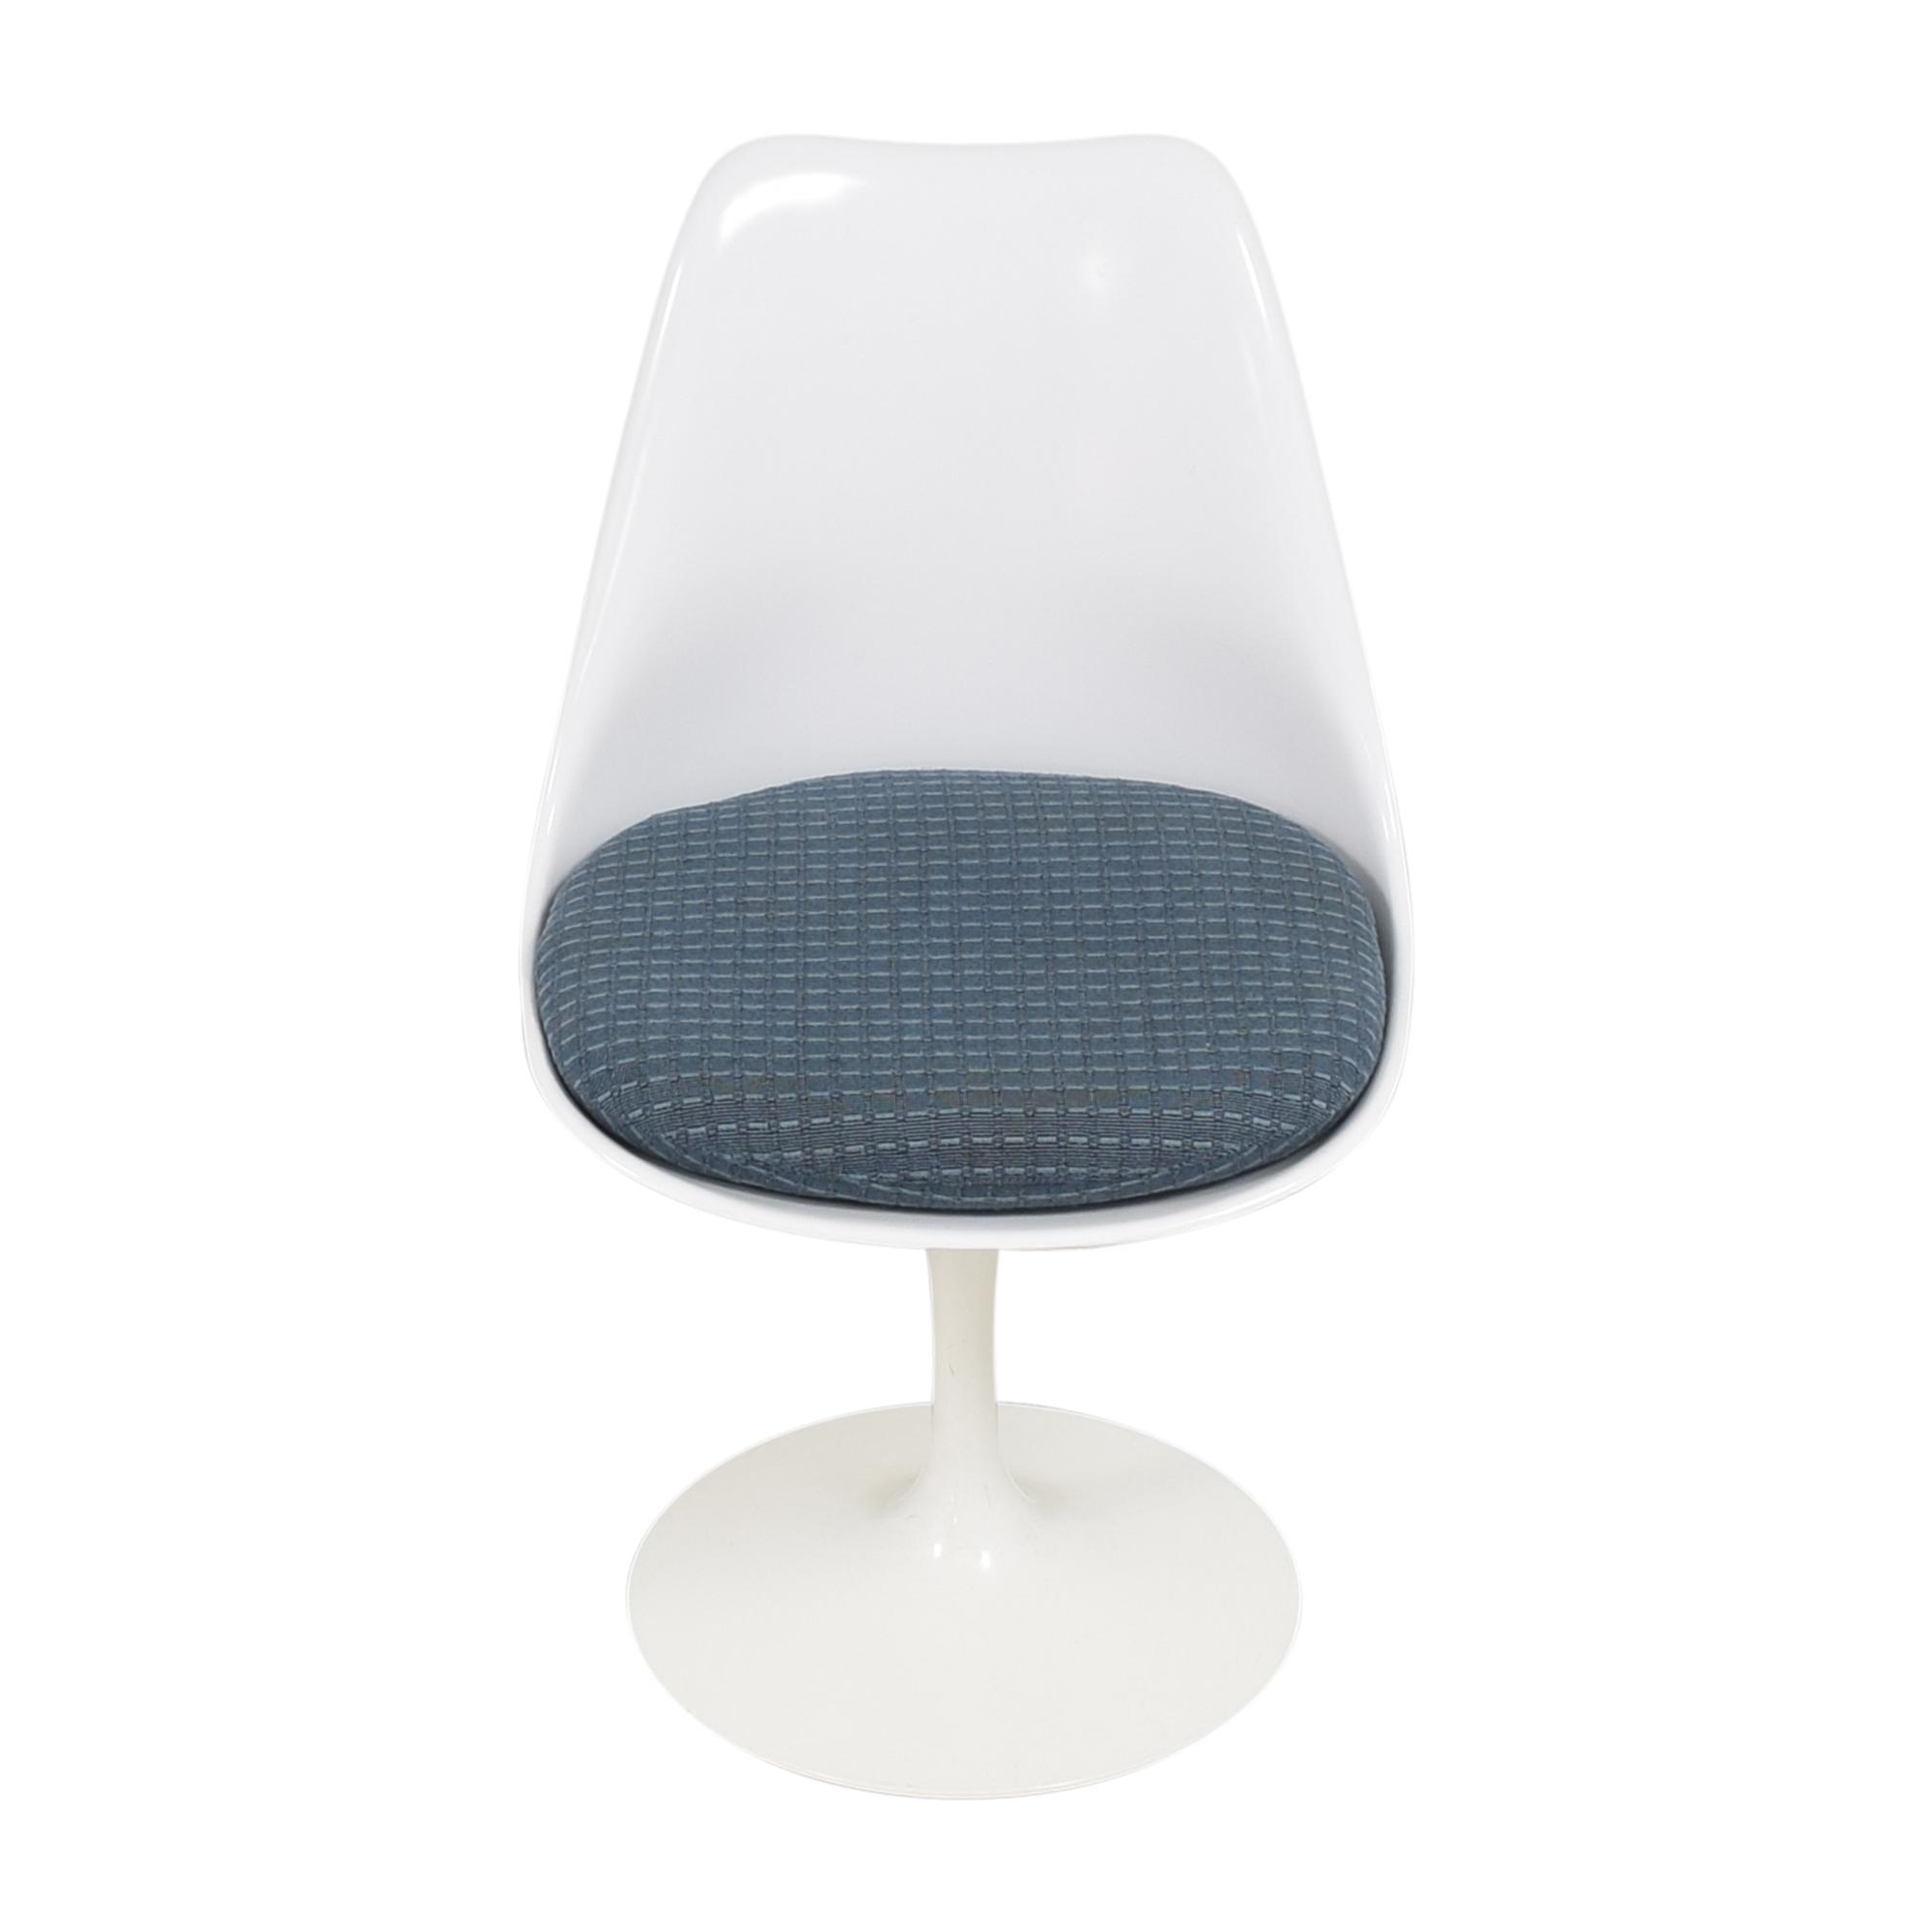 Knoll Knoll Tulip Eero Saarinen Chair coupon